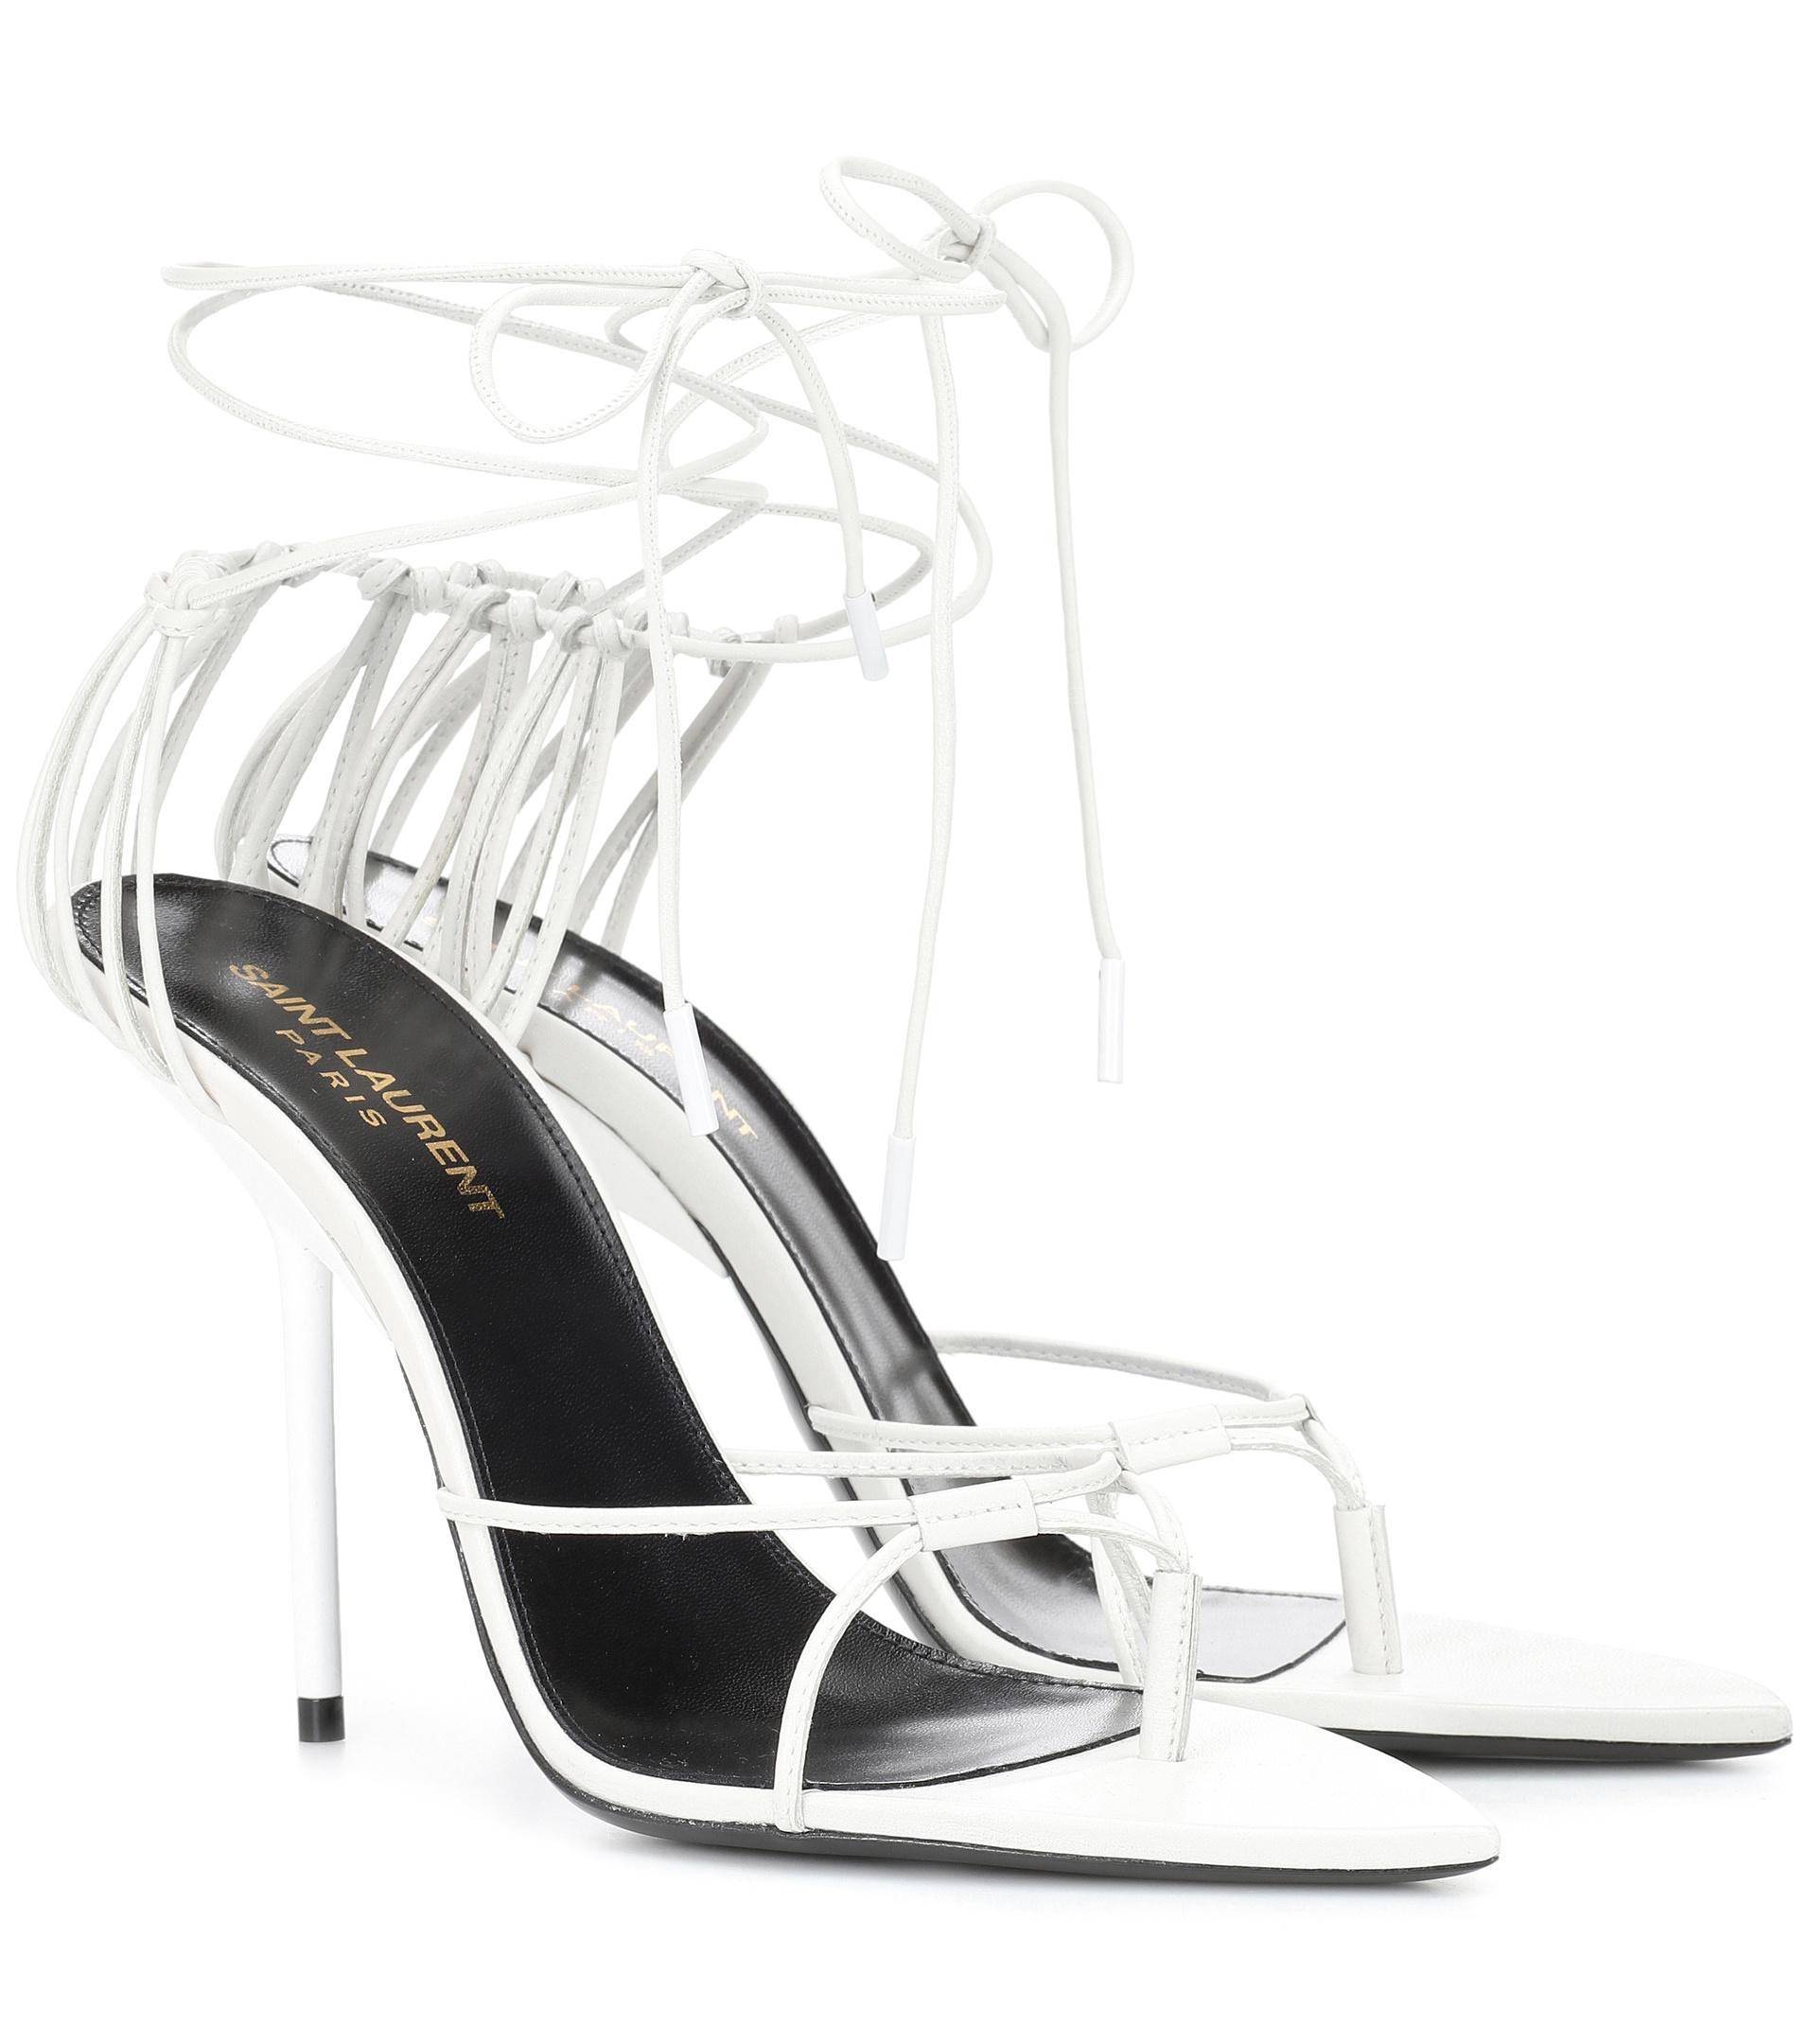 b80d7945f19d Saint Laurent Inez Leather Sandals in White - Lyst